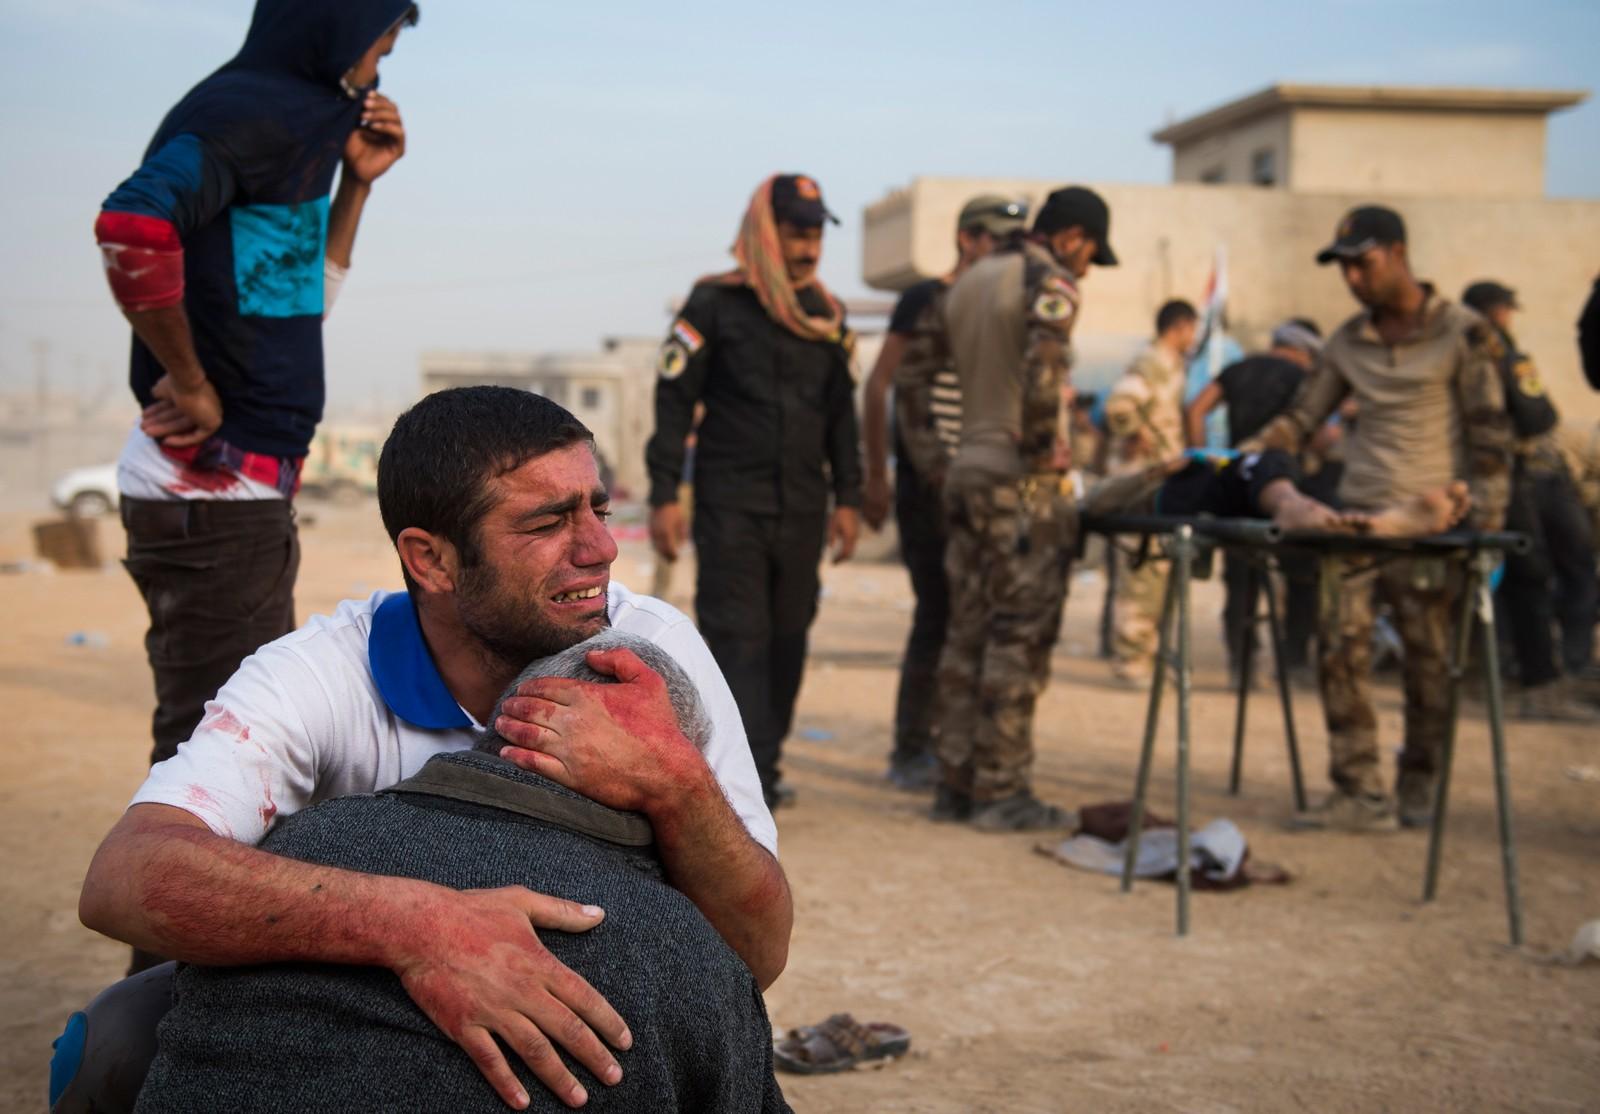 1. plass Nyhetsreportasje utland: Odd Reidar Andersen, AFP.  Irakiske regjeringsstyrker kjemper mot IS-militsen for kontroll over den nord-irakiske byen. Elitestyrkene kommer under ild når de rykker frem i nabolaget Karkukli. Far og bestefar til 15 år gamle Shafiq sørger, etter at Shafiq og vennen Mohammed mistet livet.